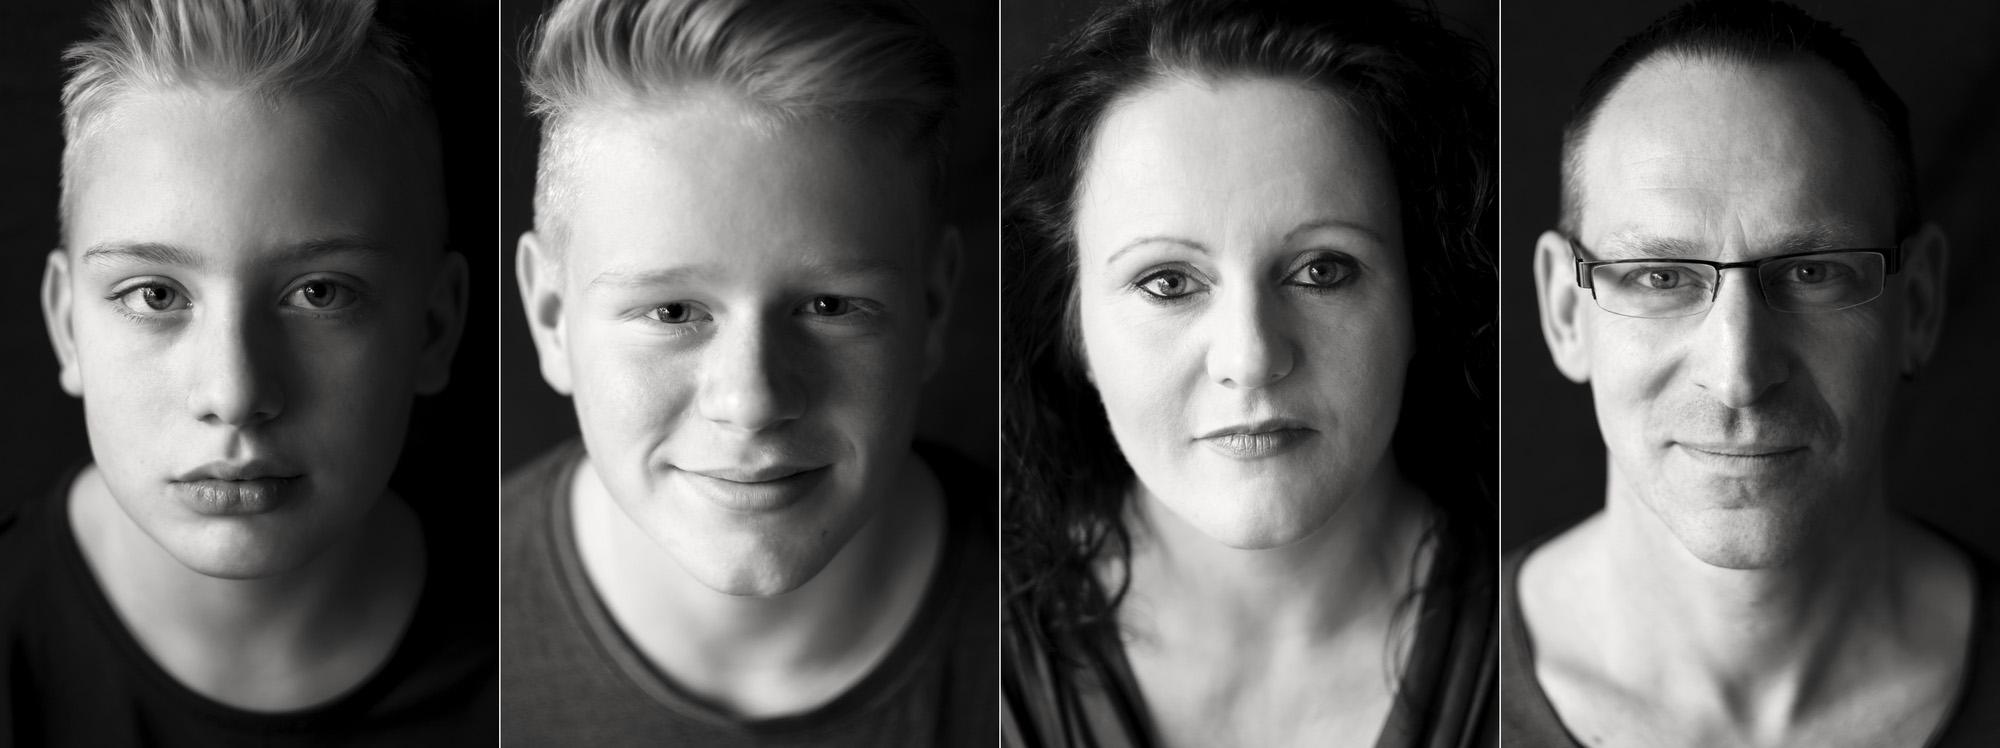 Familienporträt von Jasmin, Thomas, Corwin und Derice. Fotografiert von Astrid Schulz, Bremen. Schwarz-Weiß-Foto.